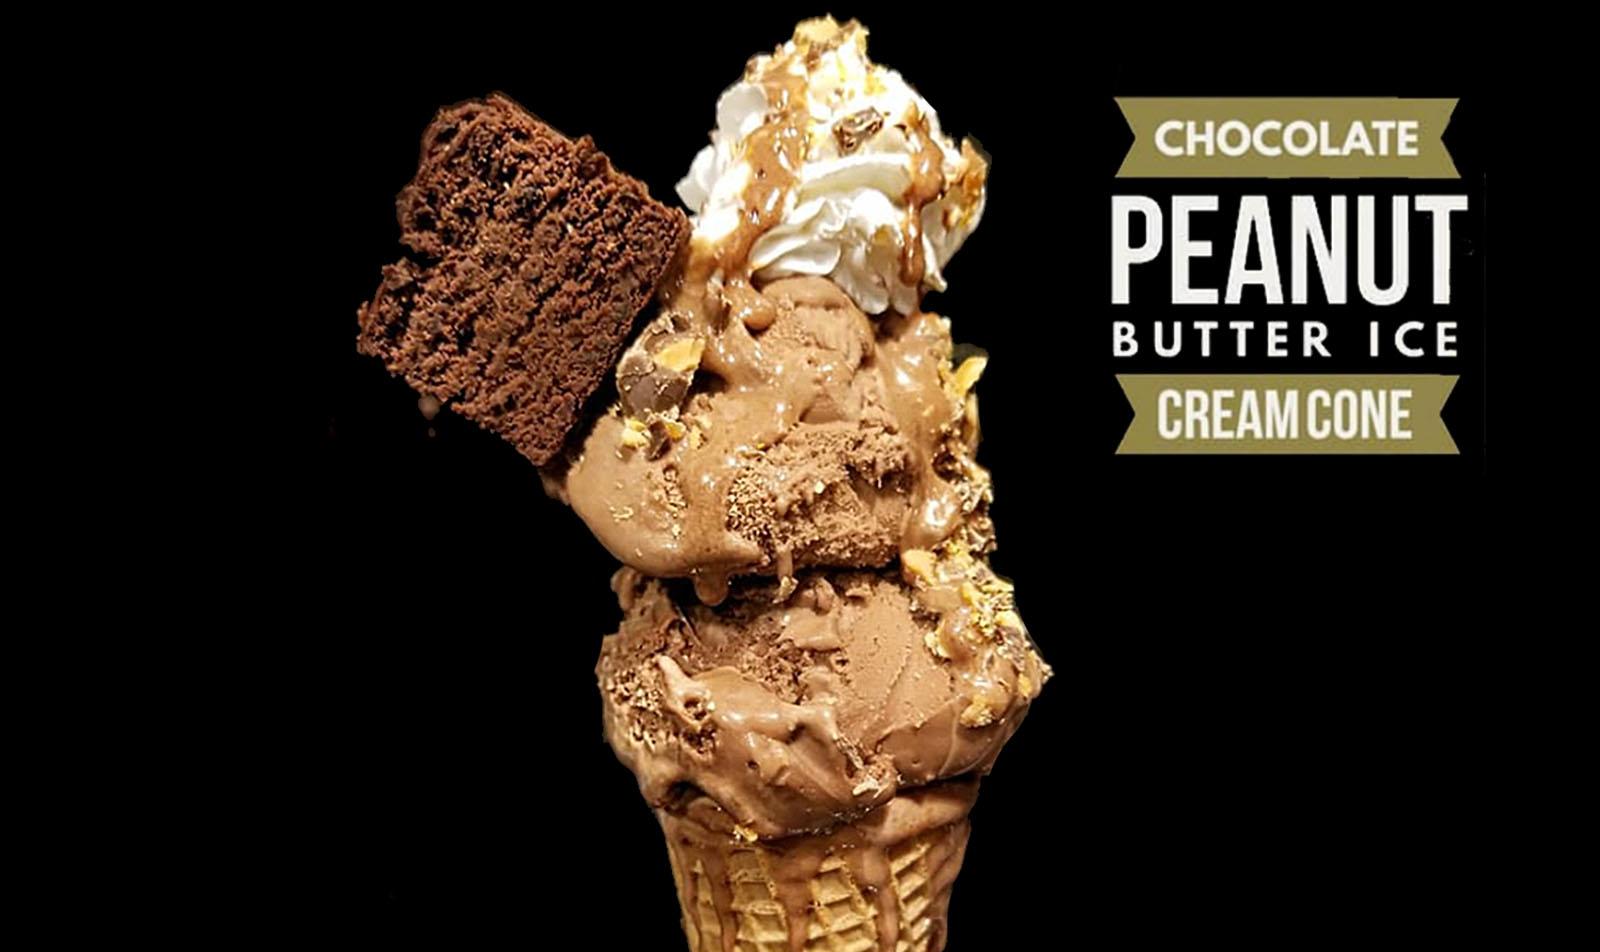 Peanut Butter Ice Cream Cone